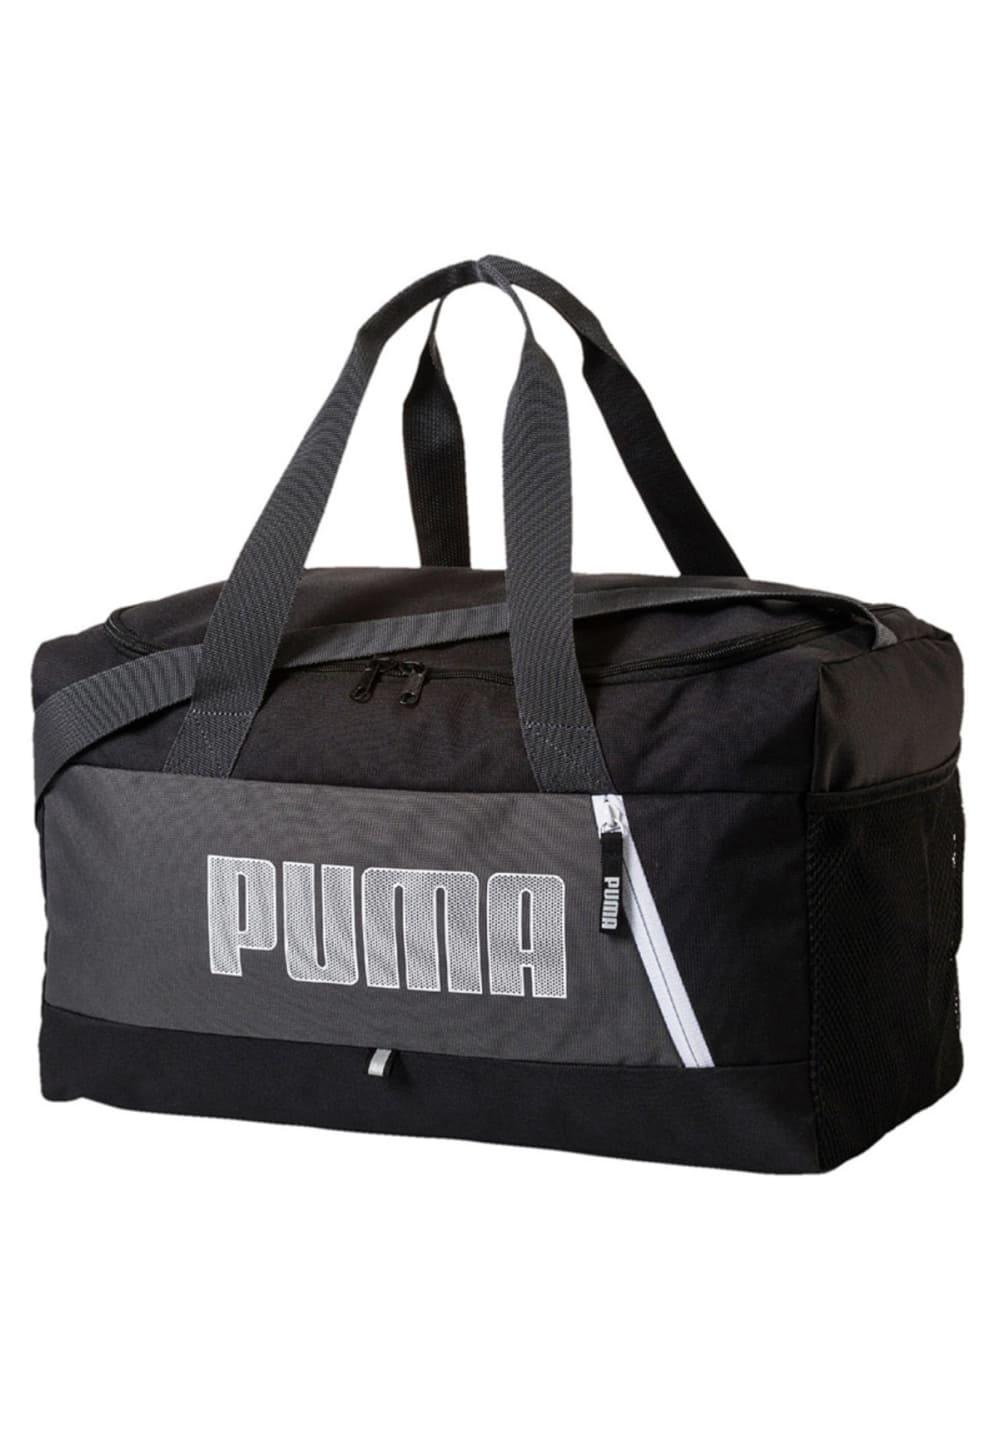 Puma Fundamentals Sports Bag S Sporttaschen - Schwarz